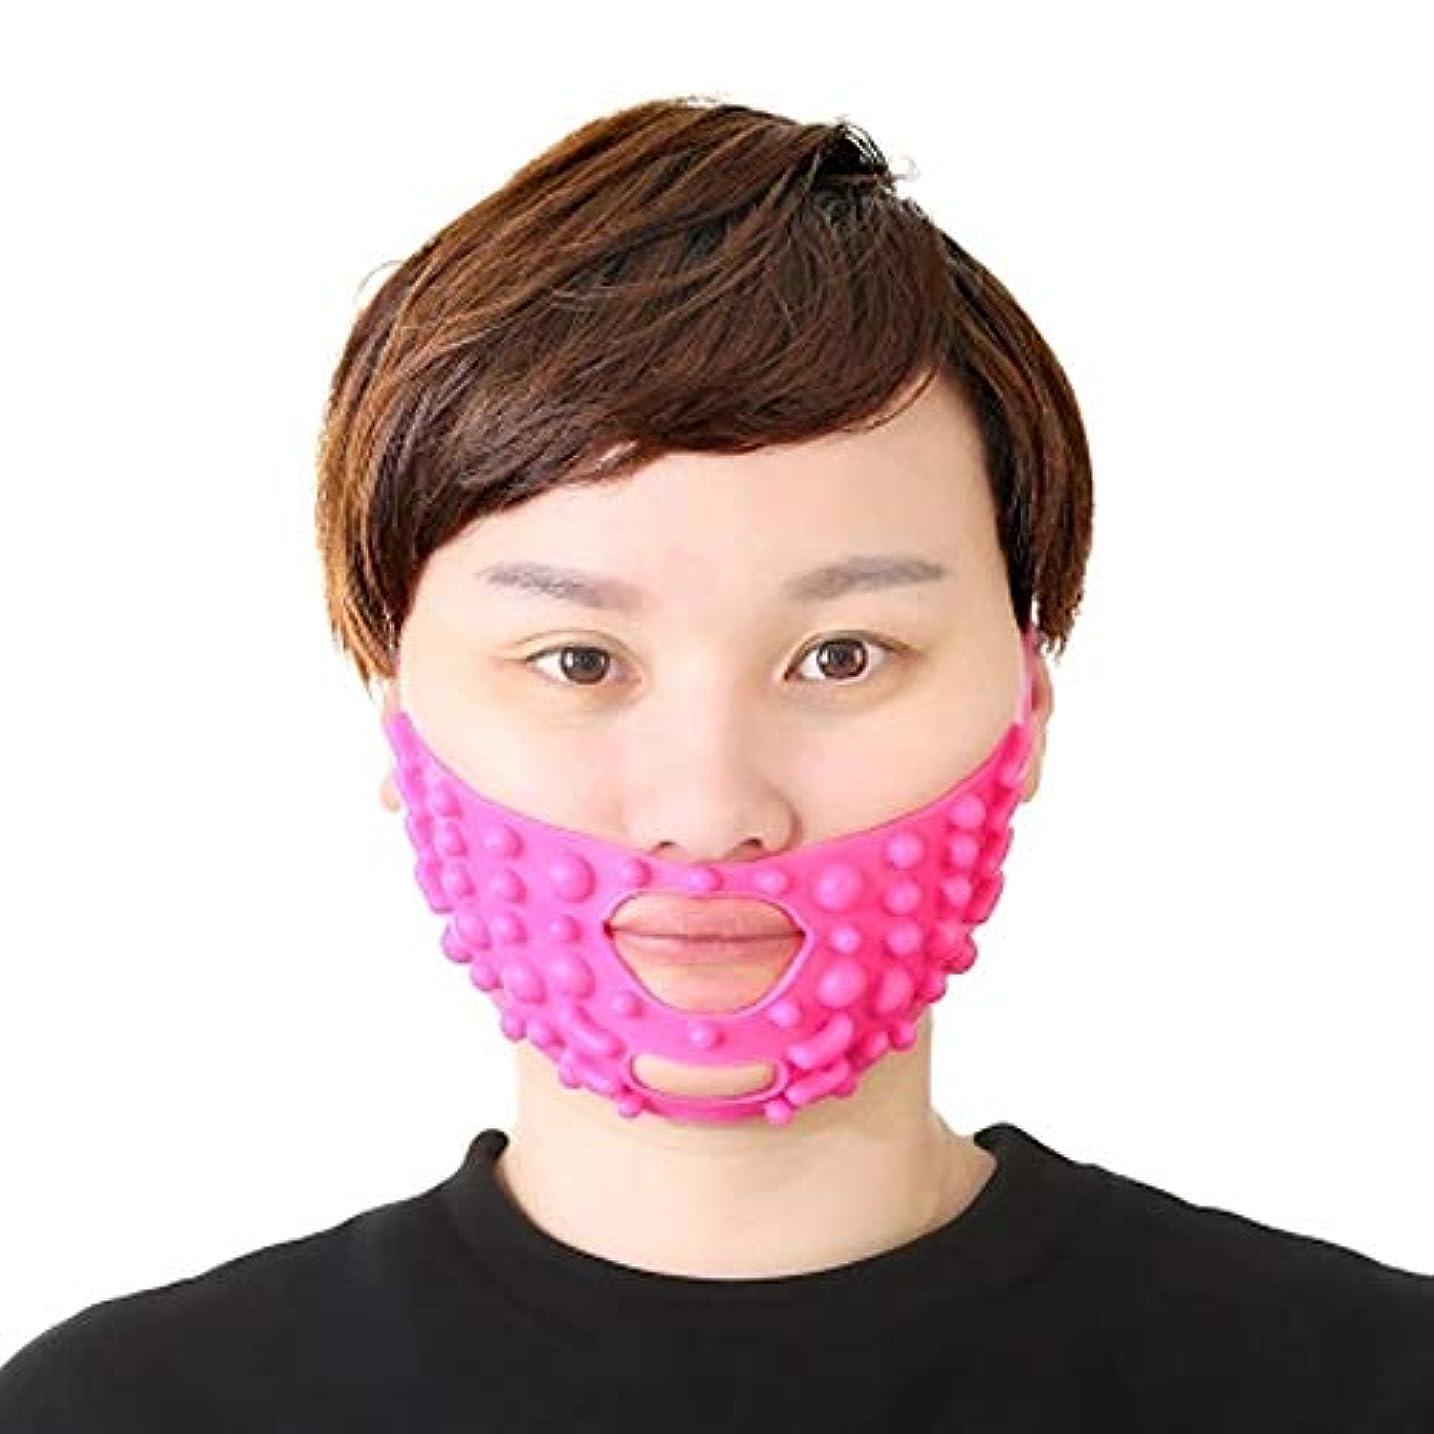 デザート十代キャンディーダブルの顎のストラップ、顔のマッサージの包帯を持ち上げて持ち上げて小さなVフェイスのマスク薄い顔の人工物